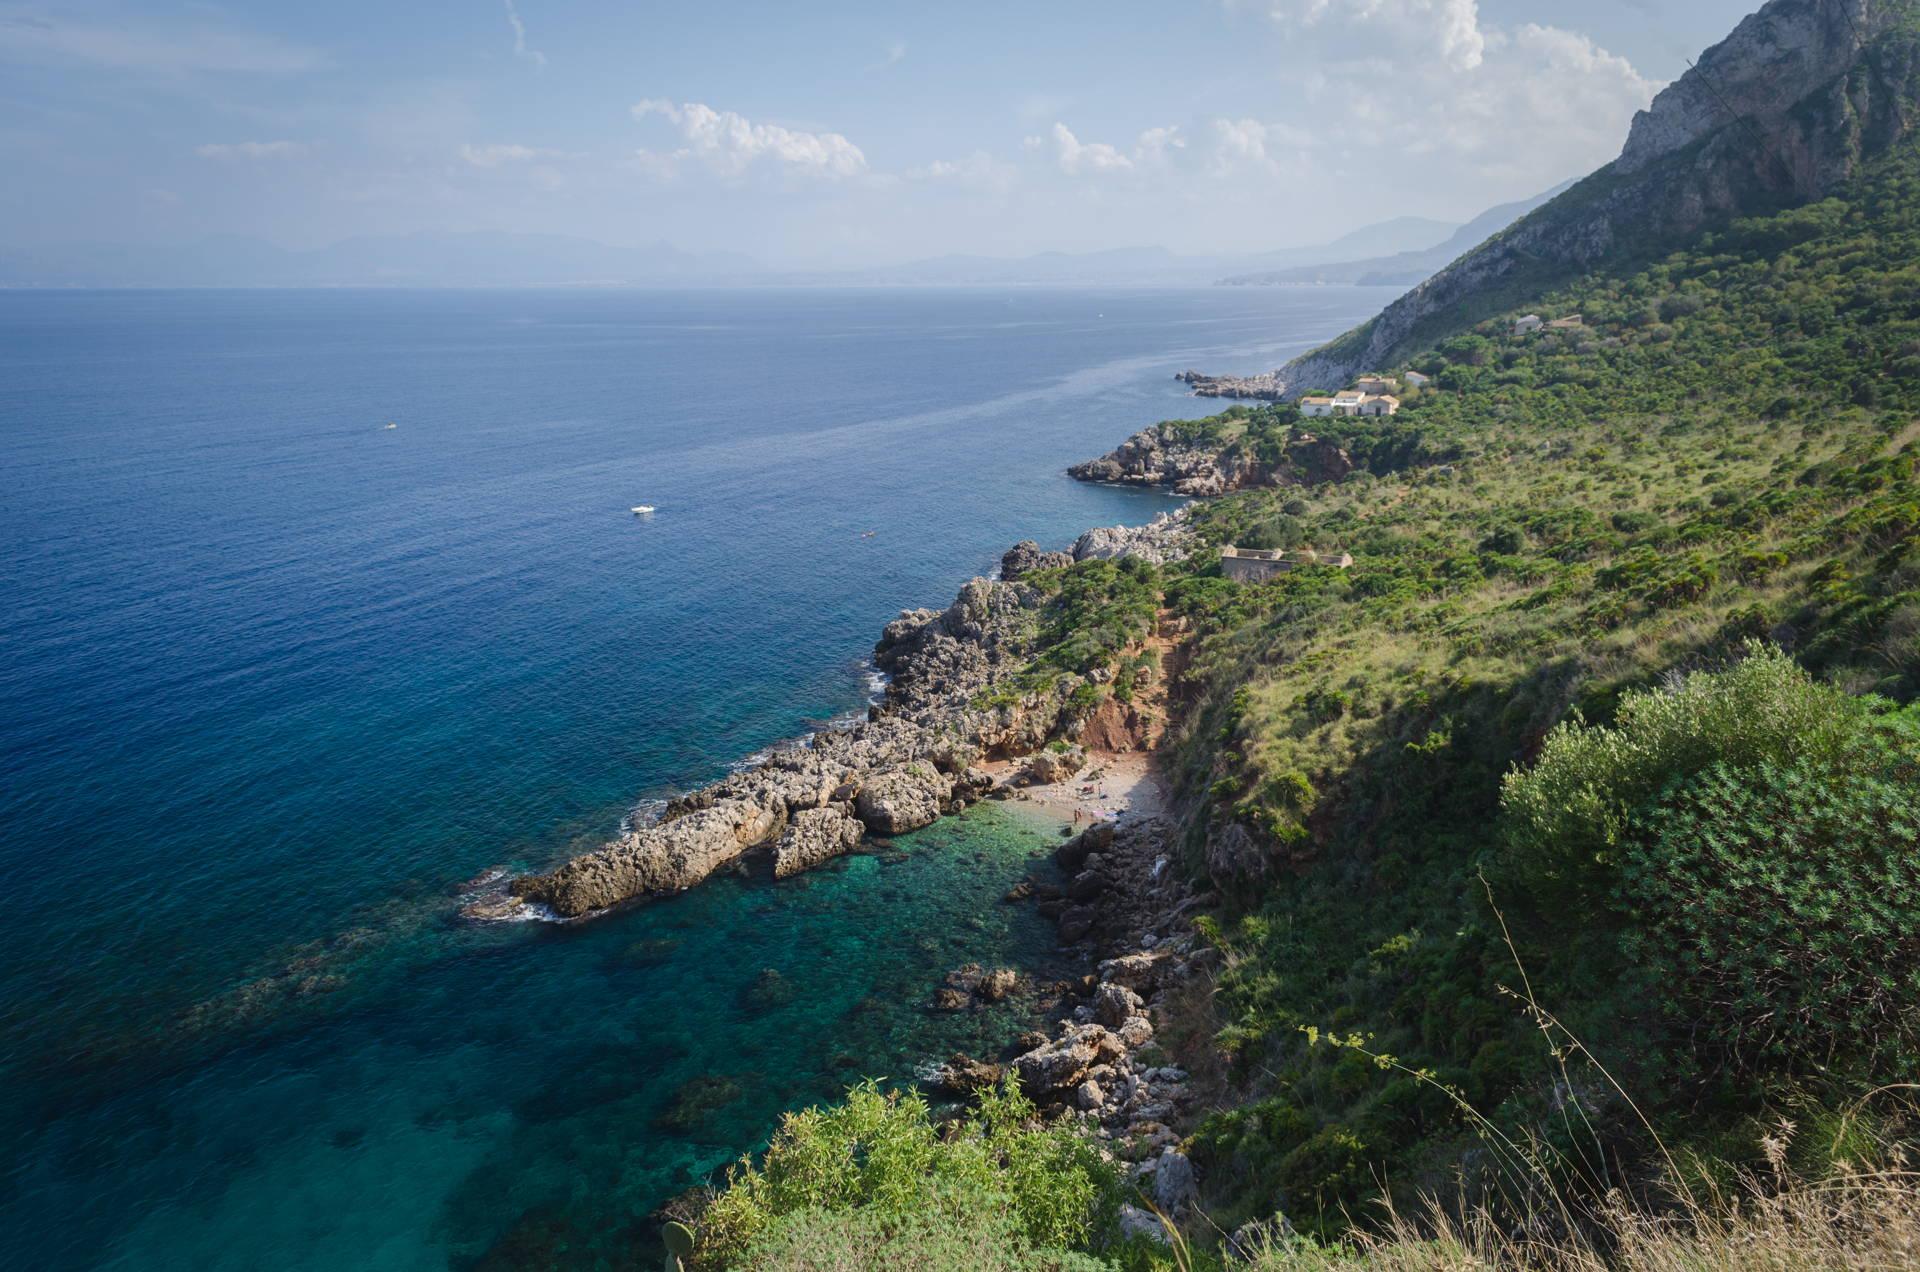 zingaro, zingaro views, hiking zingaro, beach hoping zingaro, best beach of zingaro, beaches of zingaro, zingaro nature reserve beaches, cala berretta